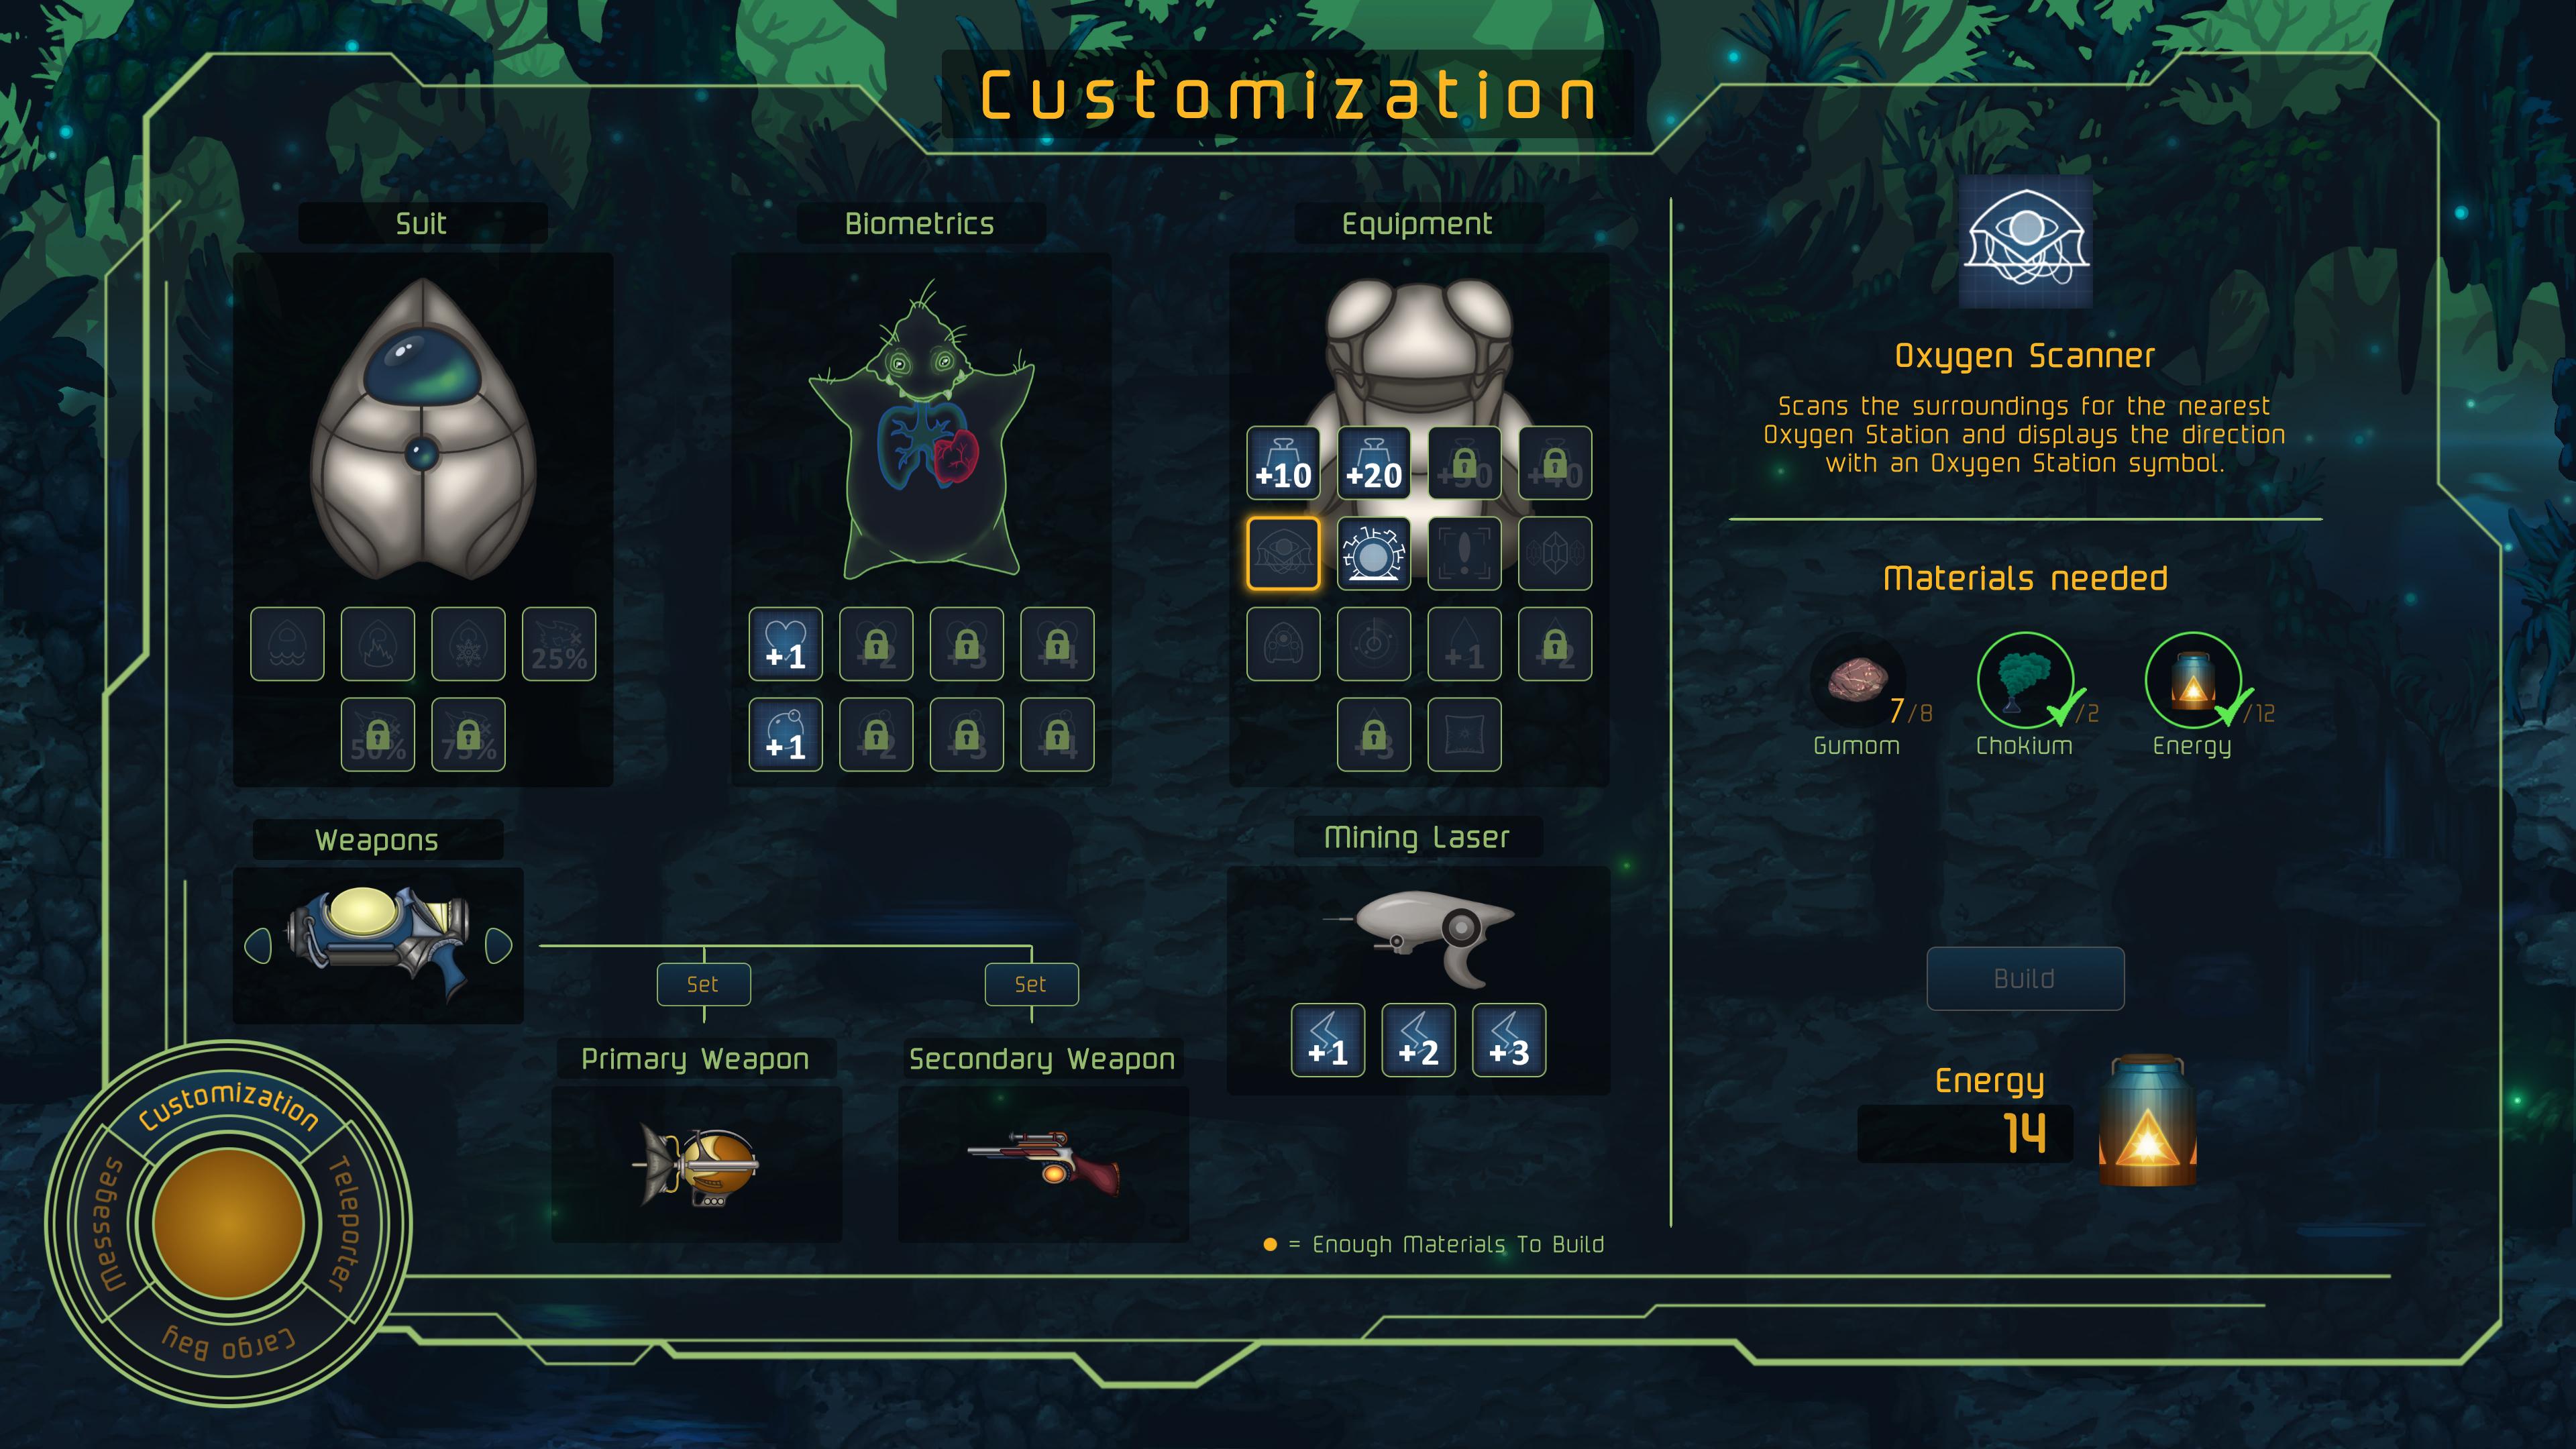 SAMA-Screenshot_Customization.jpg